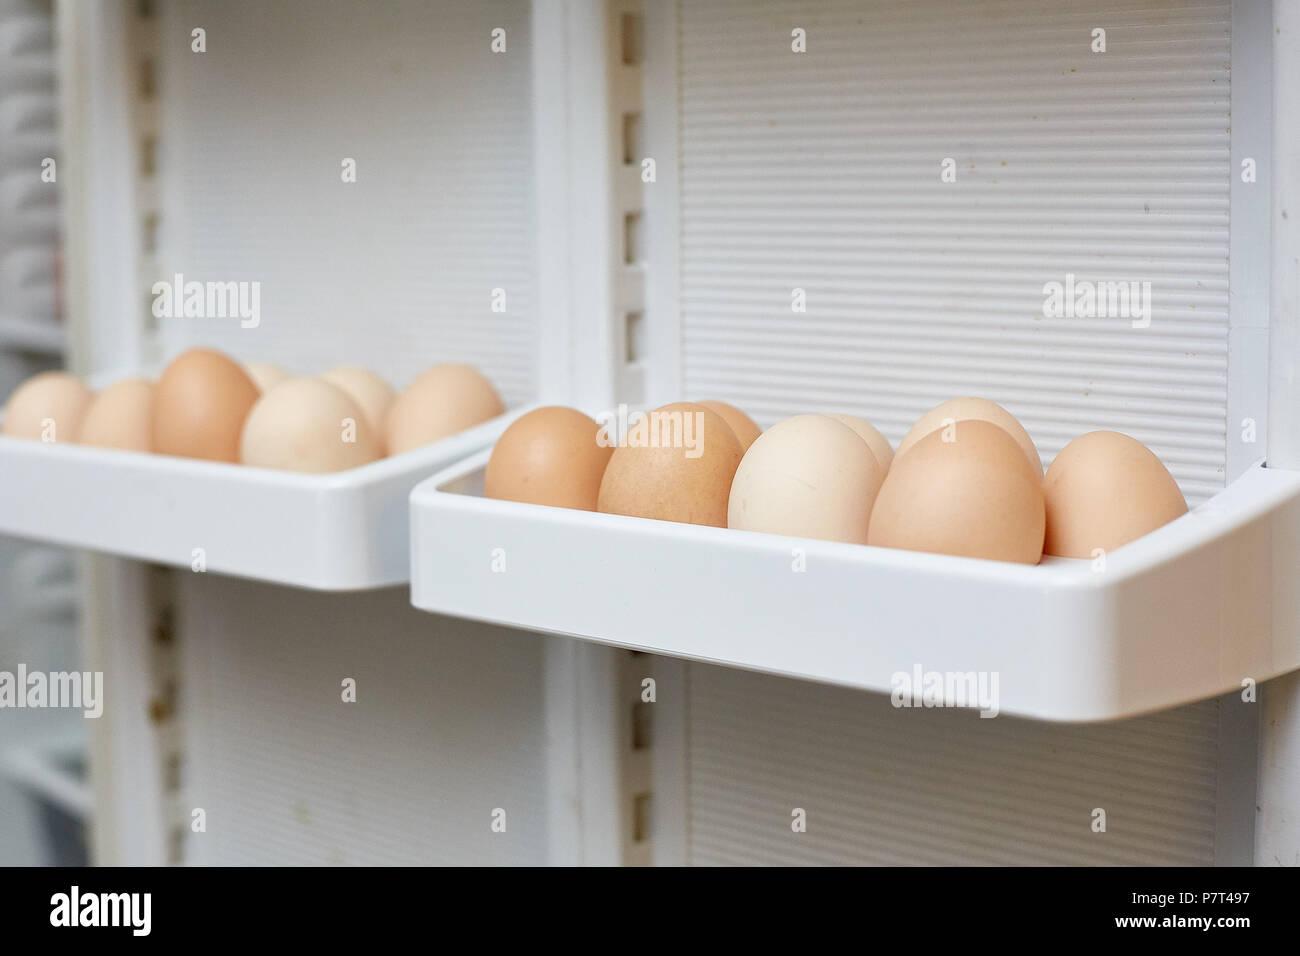 Kühlschrank Regal : Frischen eiern in einem regal der kühlschrank stockfoto bild